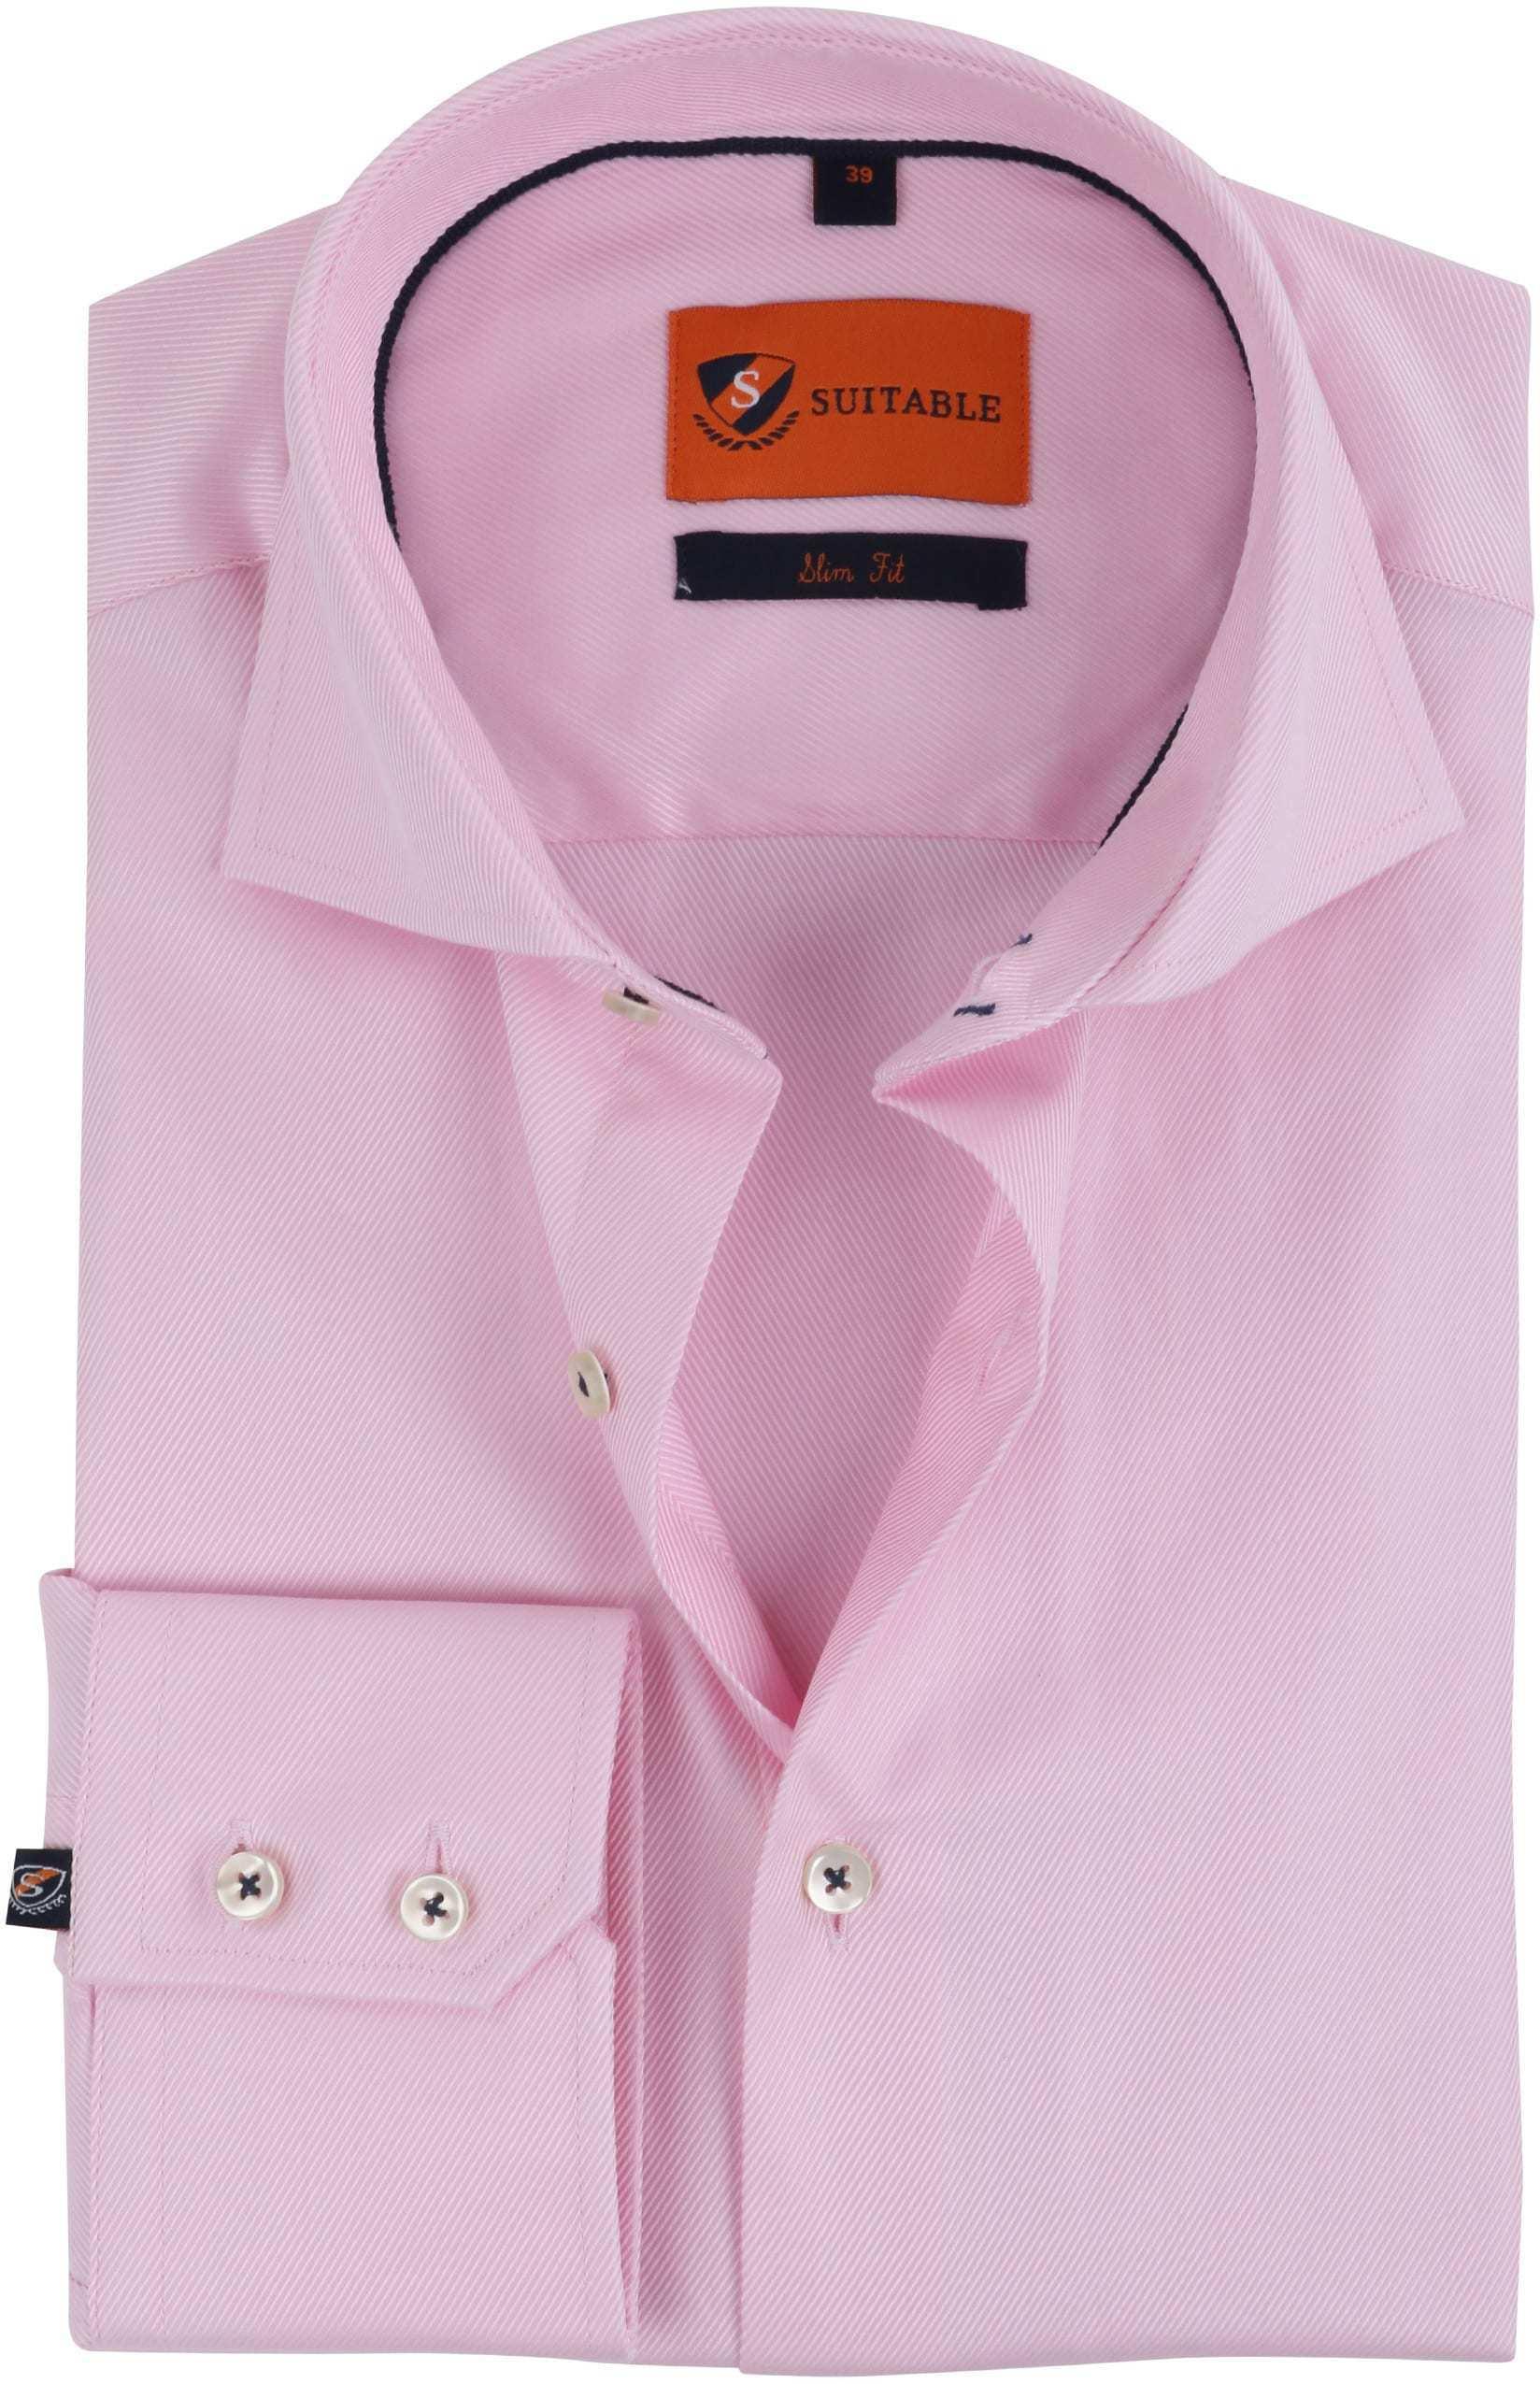 Rosa Geschäfts Hemd foto 0